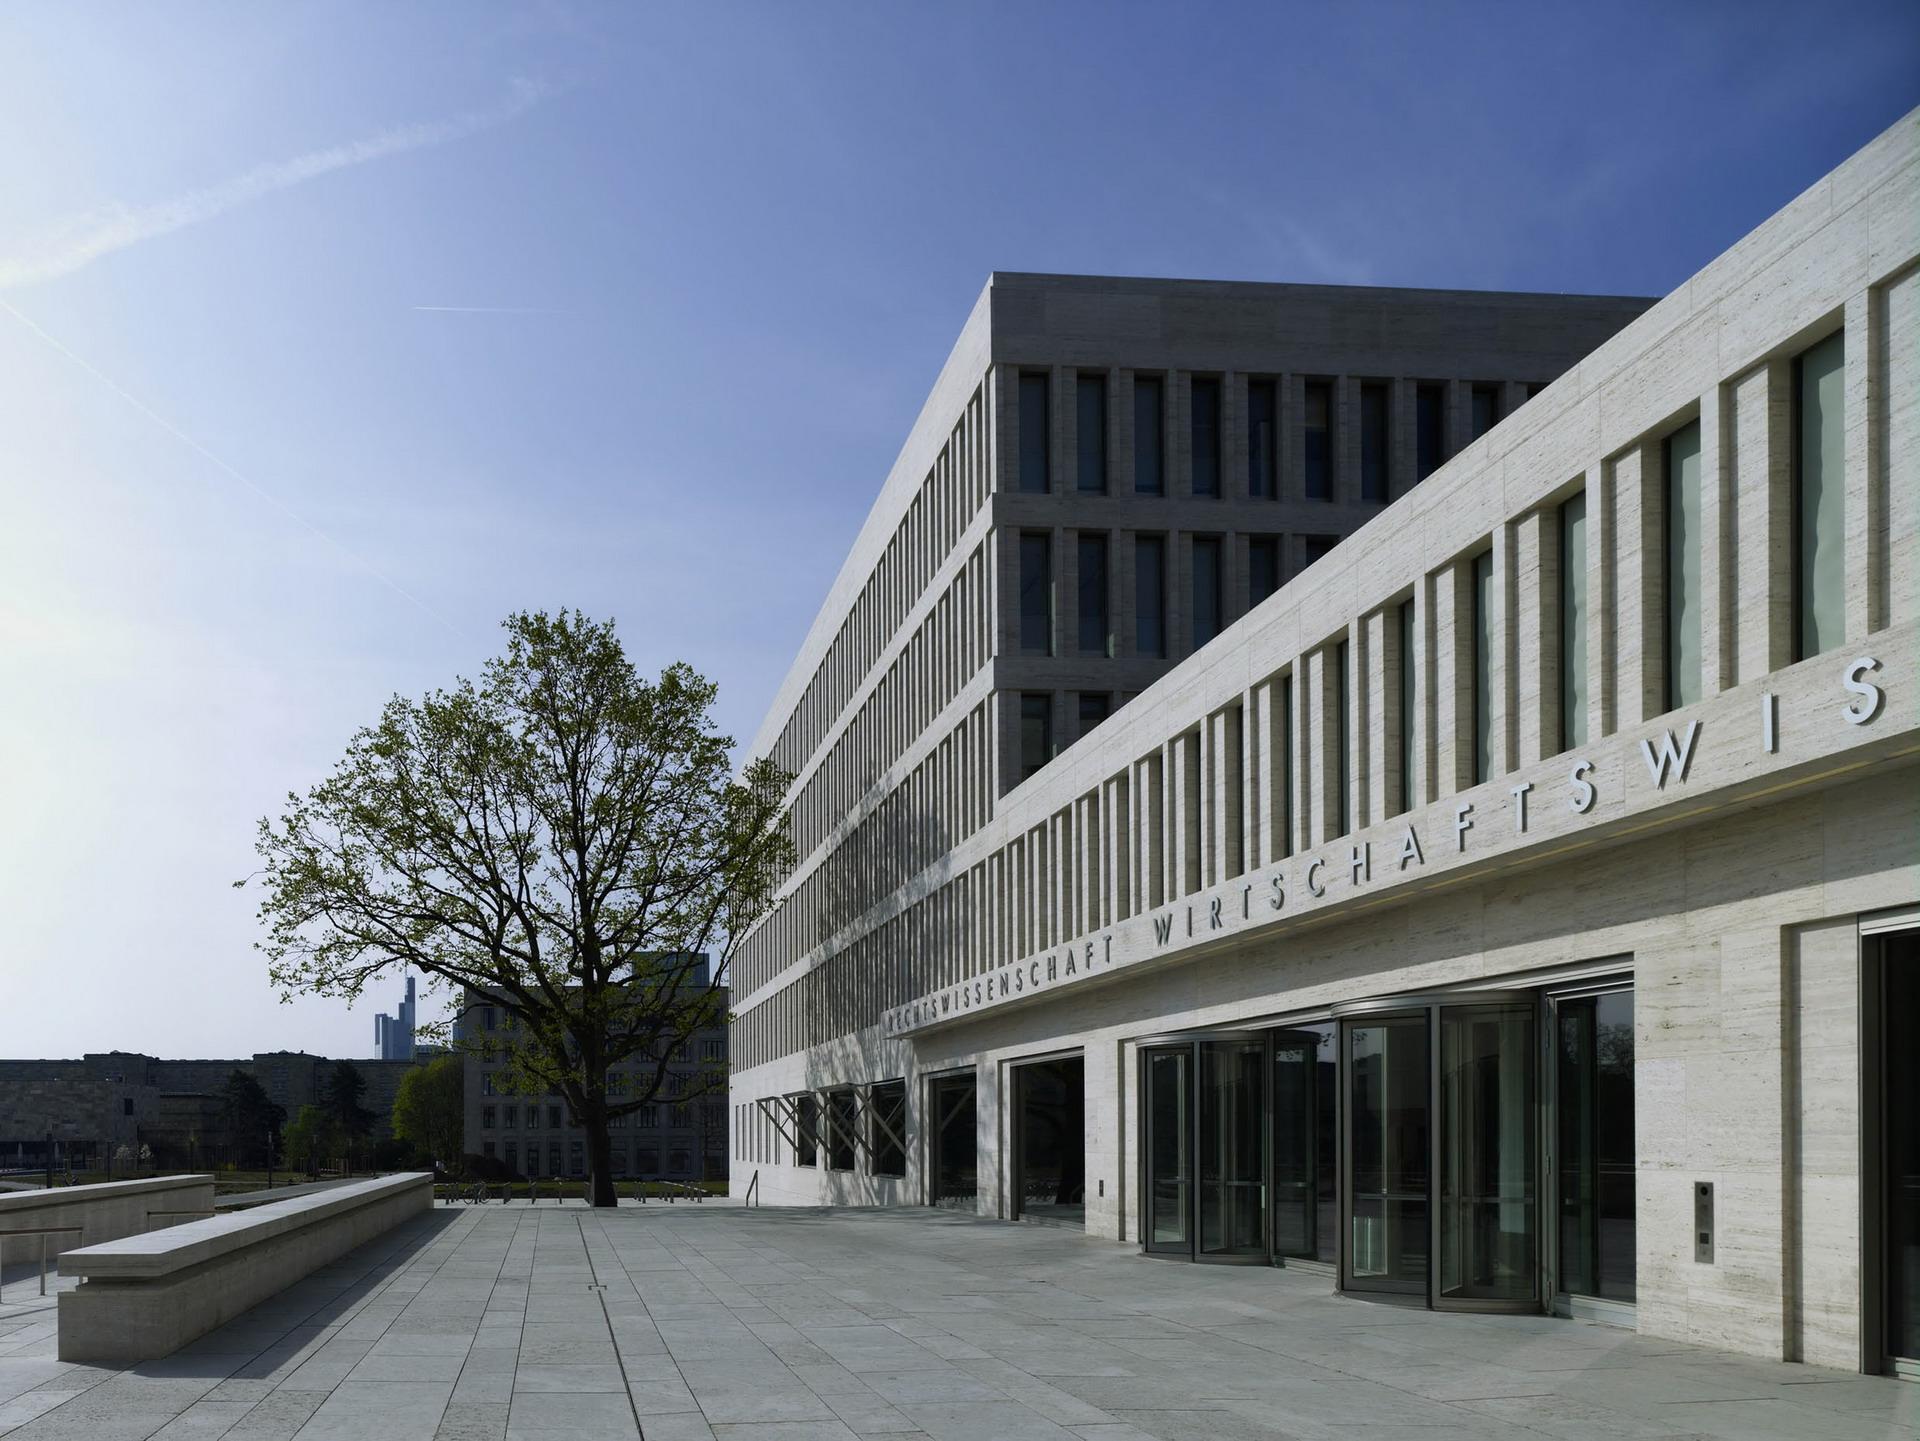 200-ruw-fakultaeten-recht-wirtschaft-campus-i-frankfurt-haupeingang-teaserbild_ridimensionare